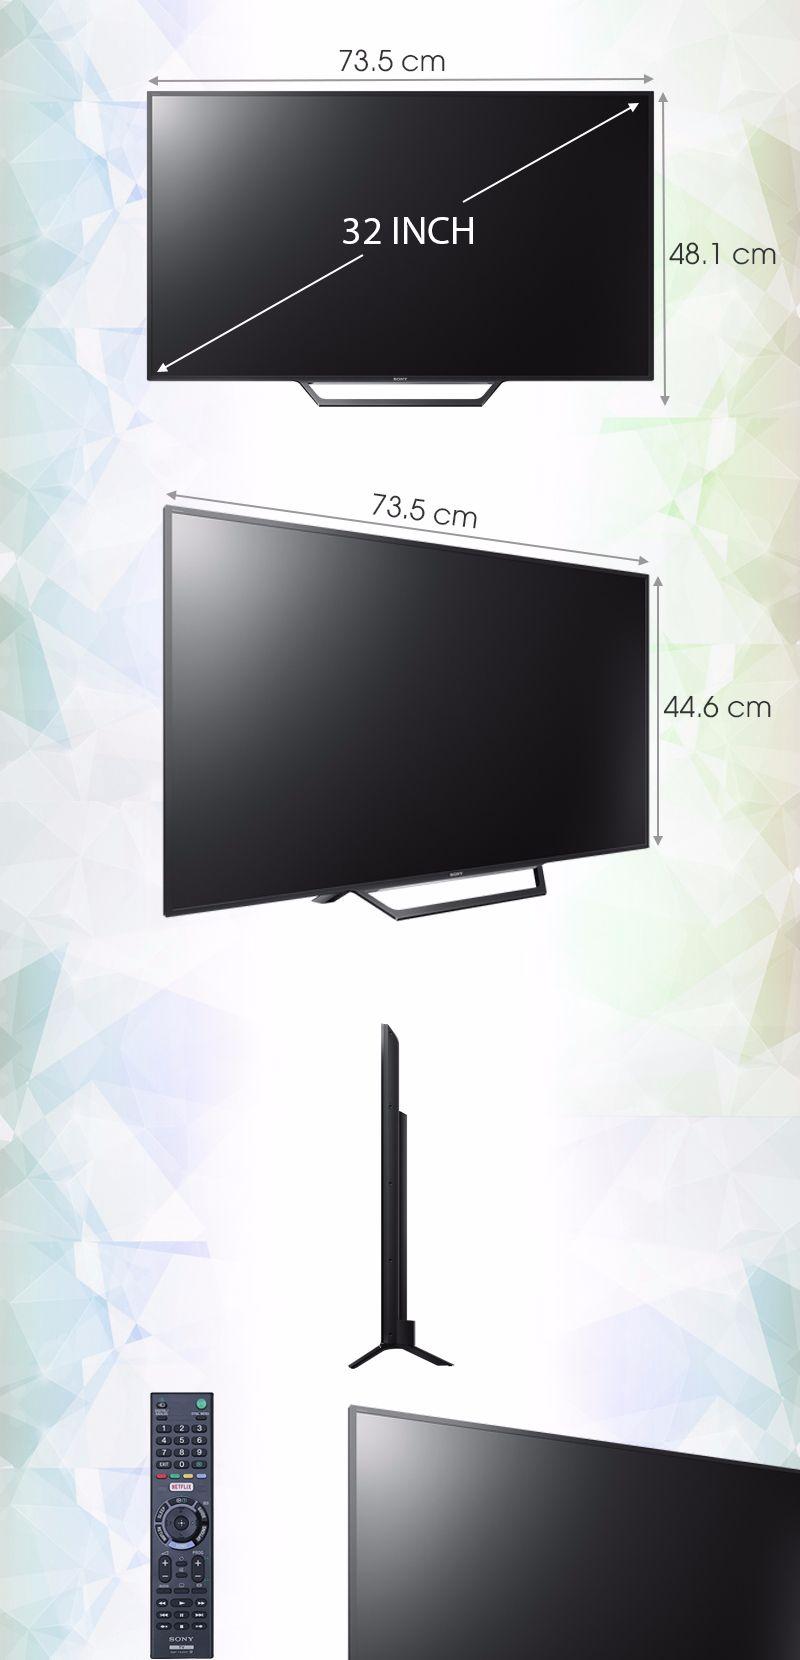 Tạo ấn tượng về kiểu dáng siêu mỏng với tivi 32 inch Sony (nguồn ảnh: internet)